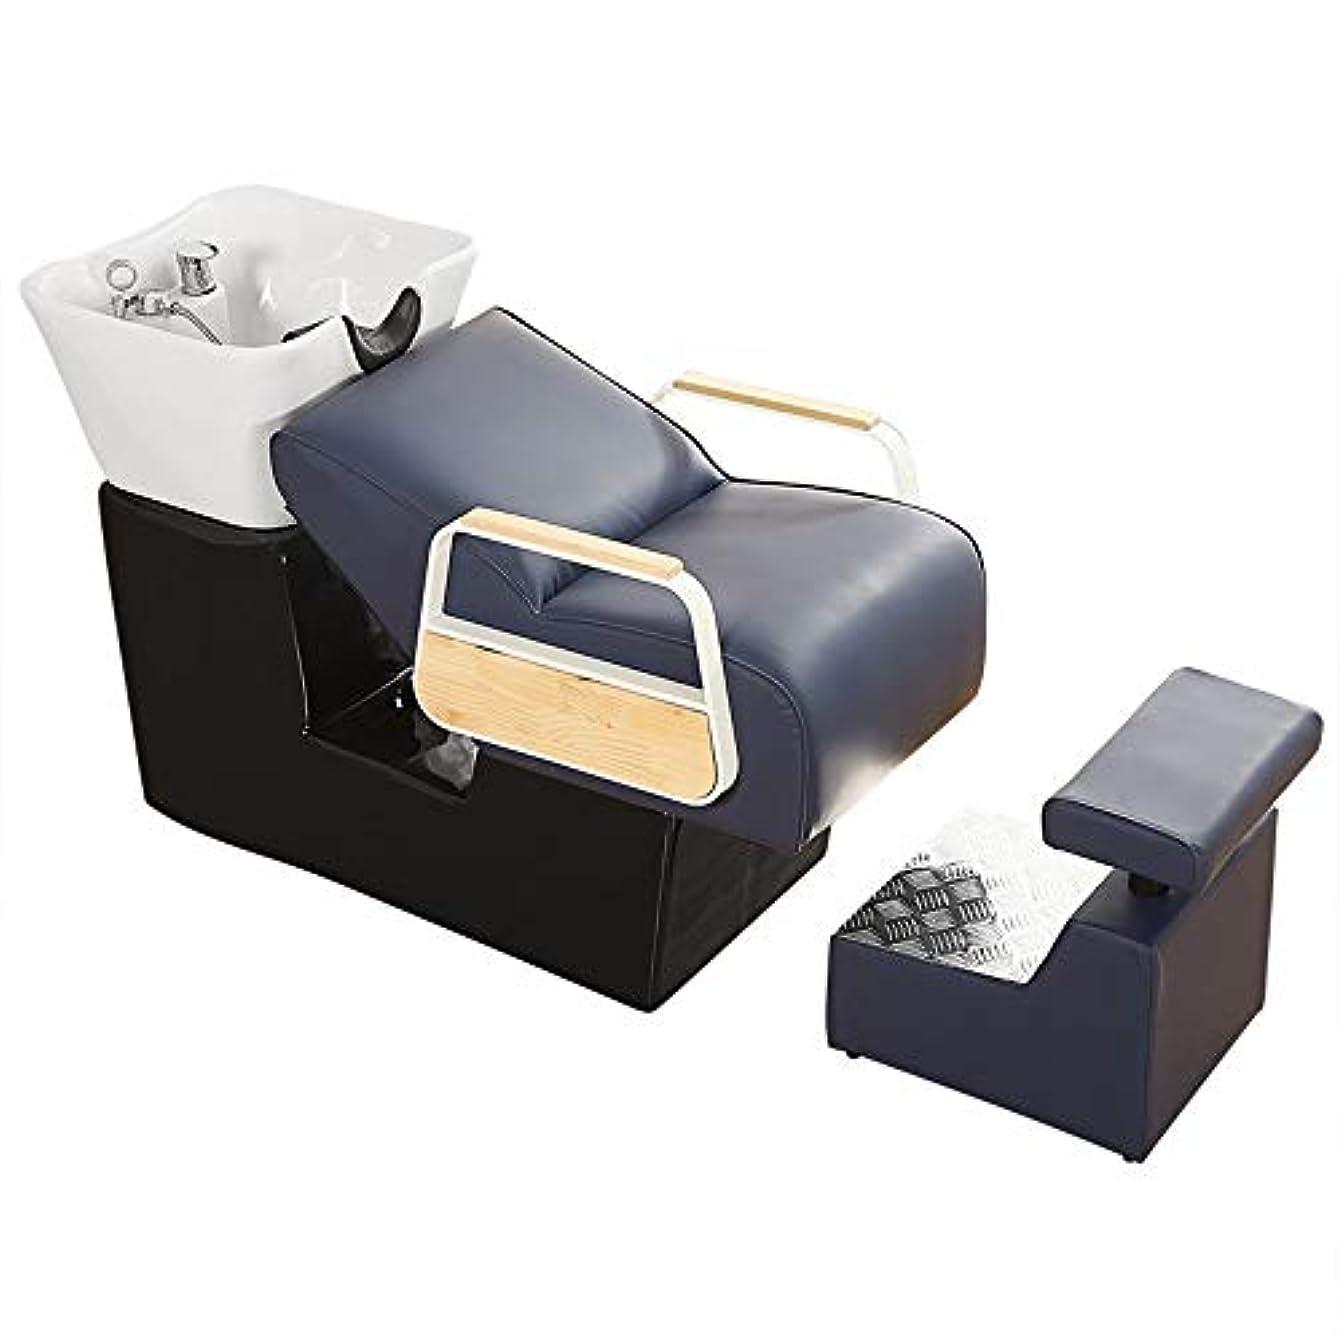 接尾辞奴隷まだシャンプーの椅子、逆洗の単位の陶磁器の洗面器の洗面器のための洗面器のボウル理髪シンクの椅子